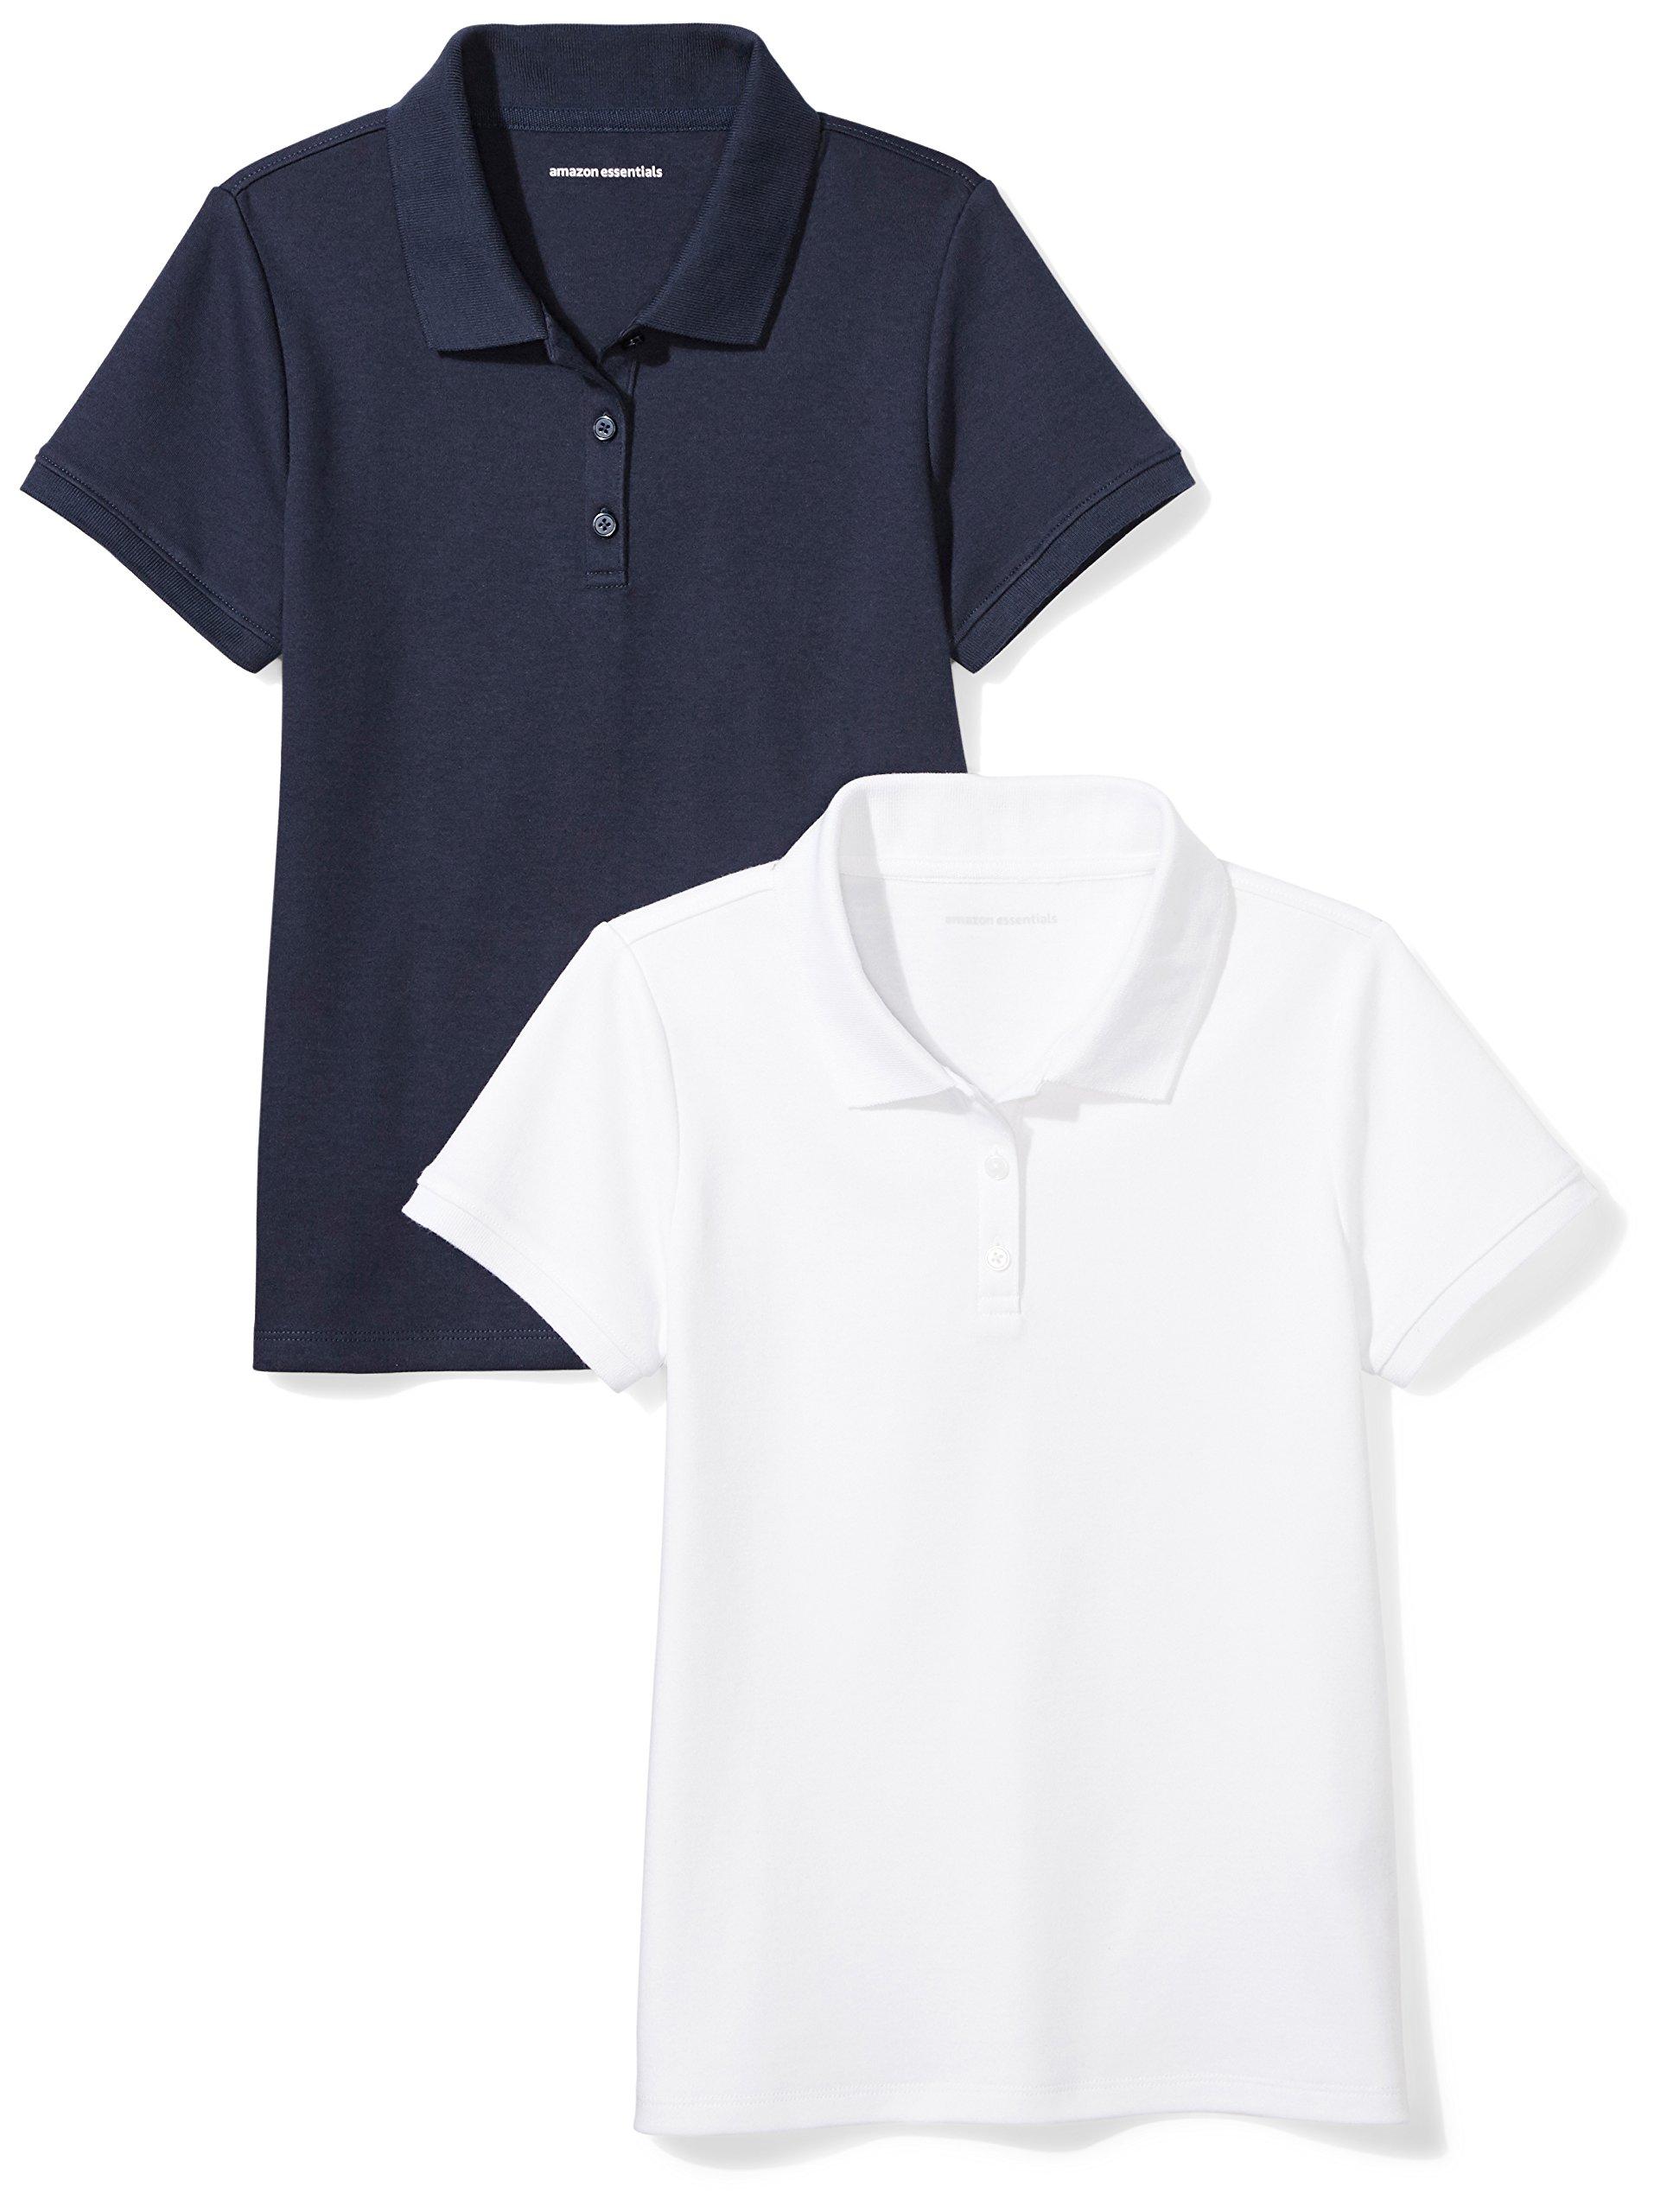 Amazon Essentials Girls' Uniform 2-Pack Interlock Polo, Navy/White, XL (12)